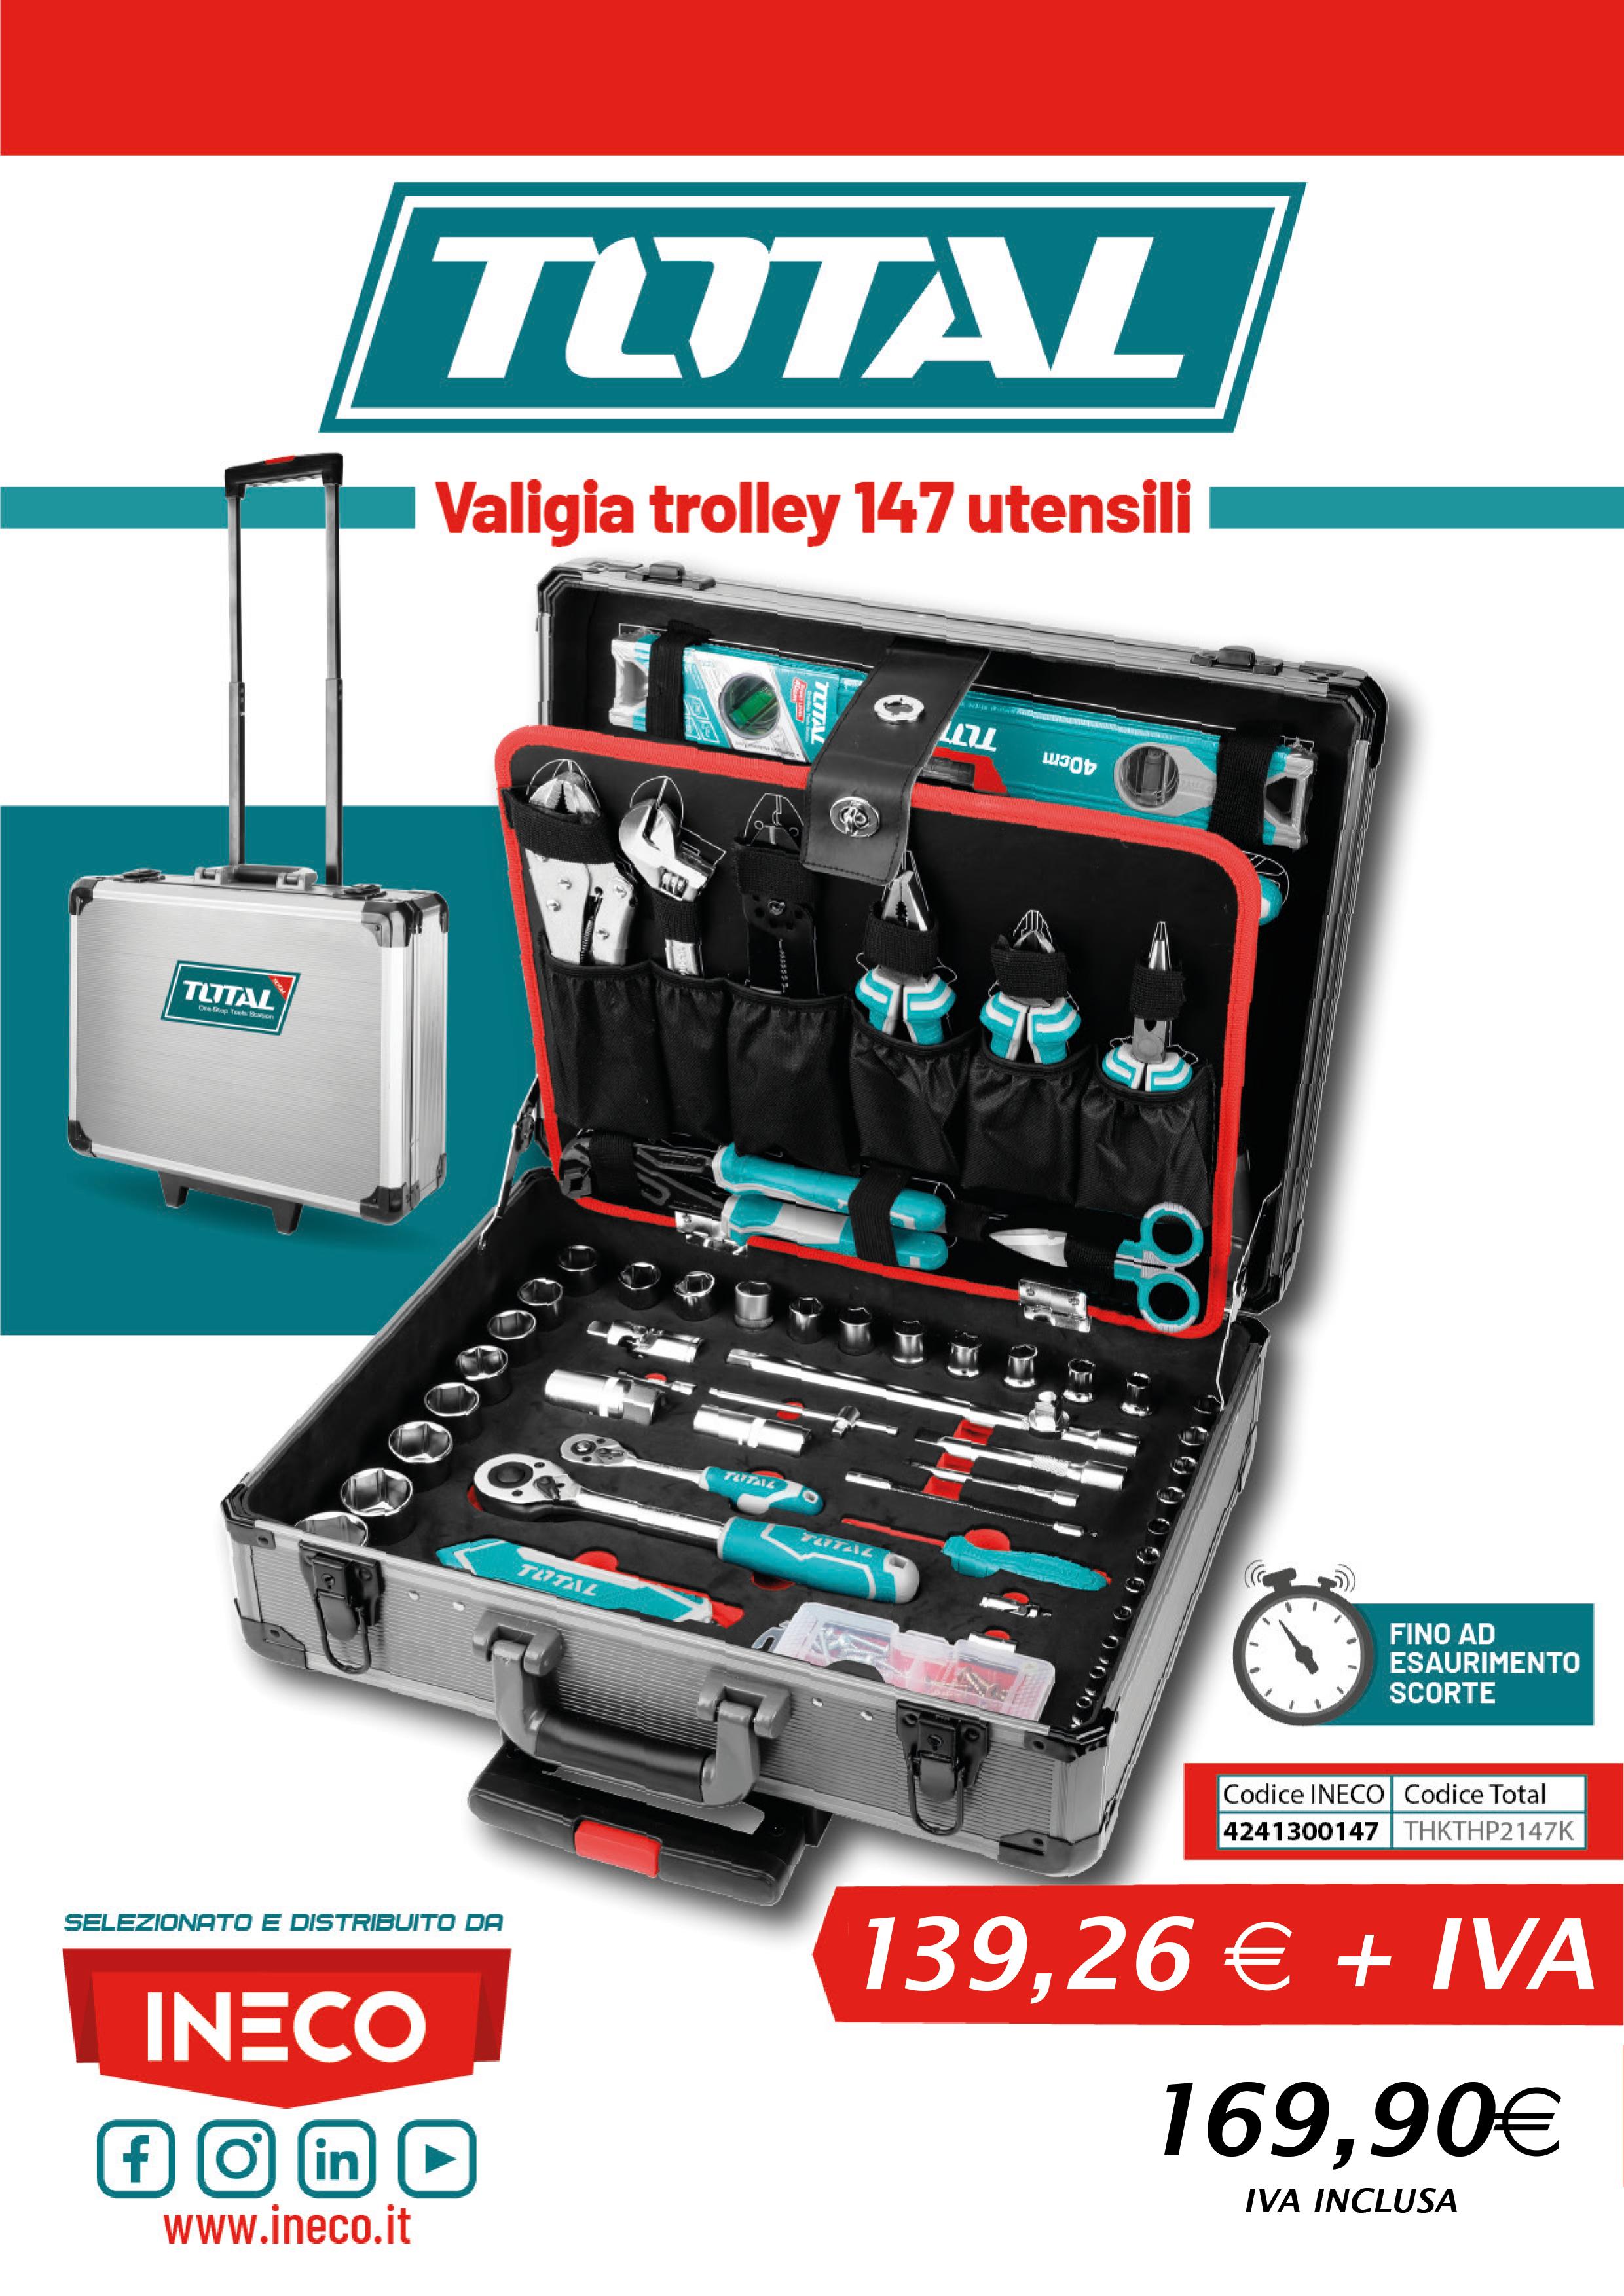 Promo_Total_Ineco_Trolley_Utensili_Ramico_Strumenti_di_Misura_Torino